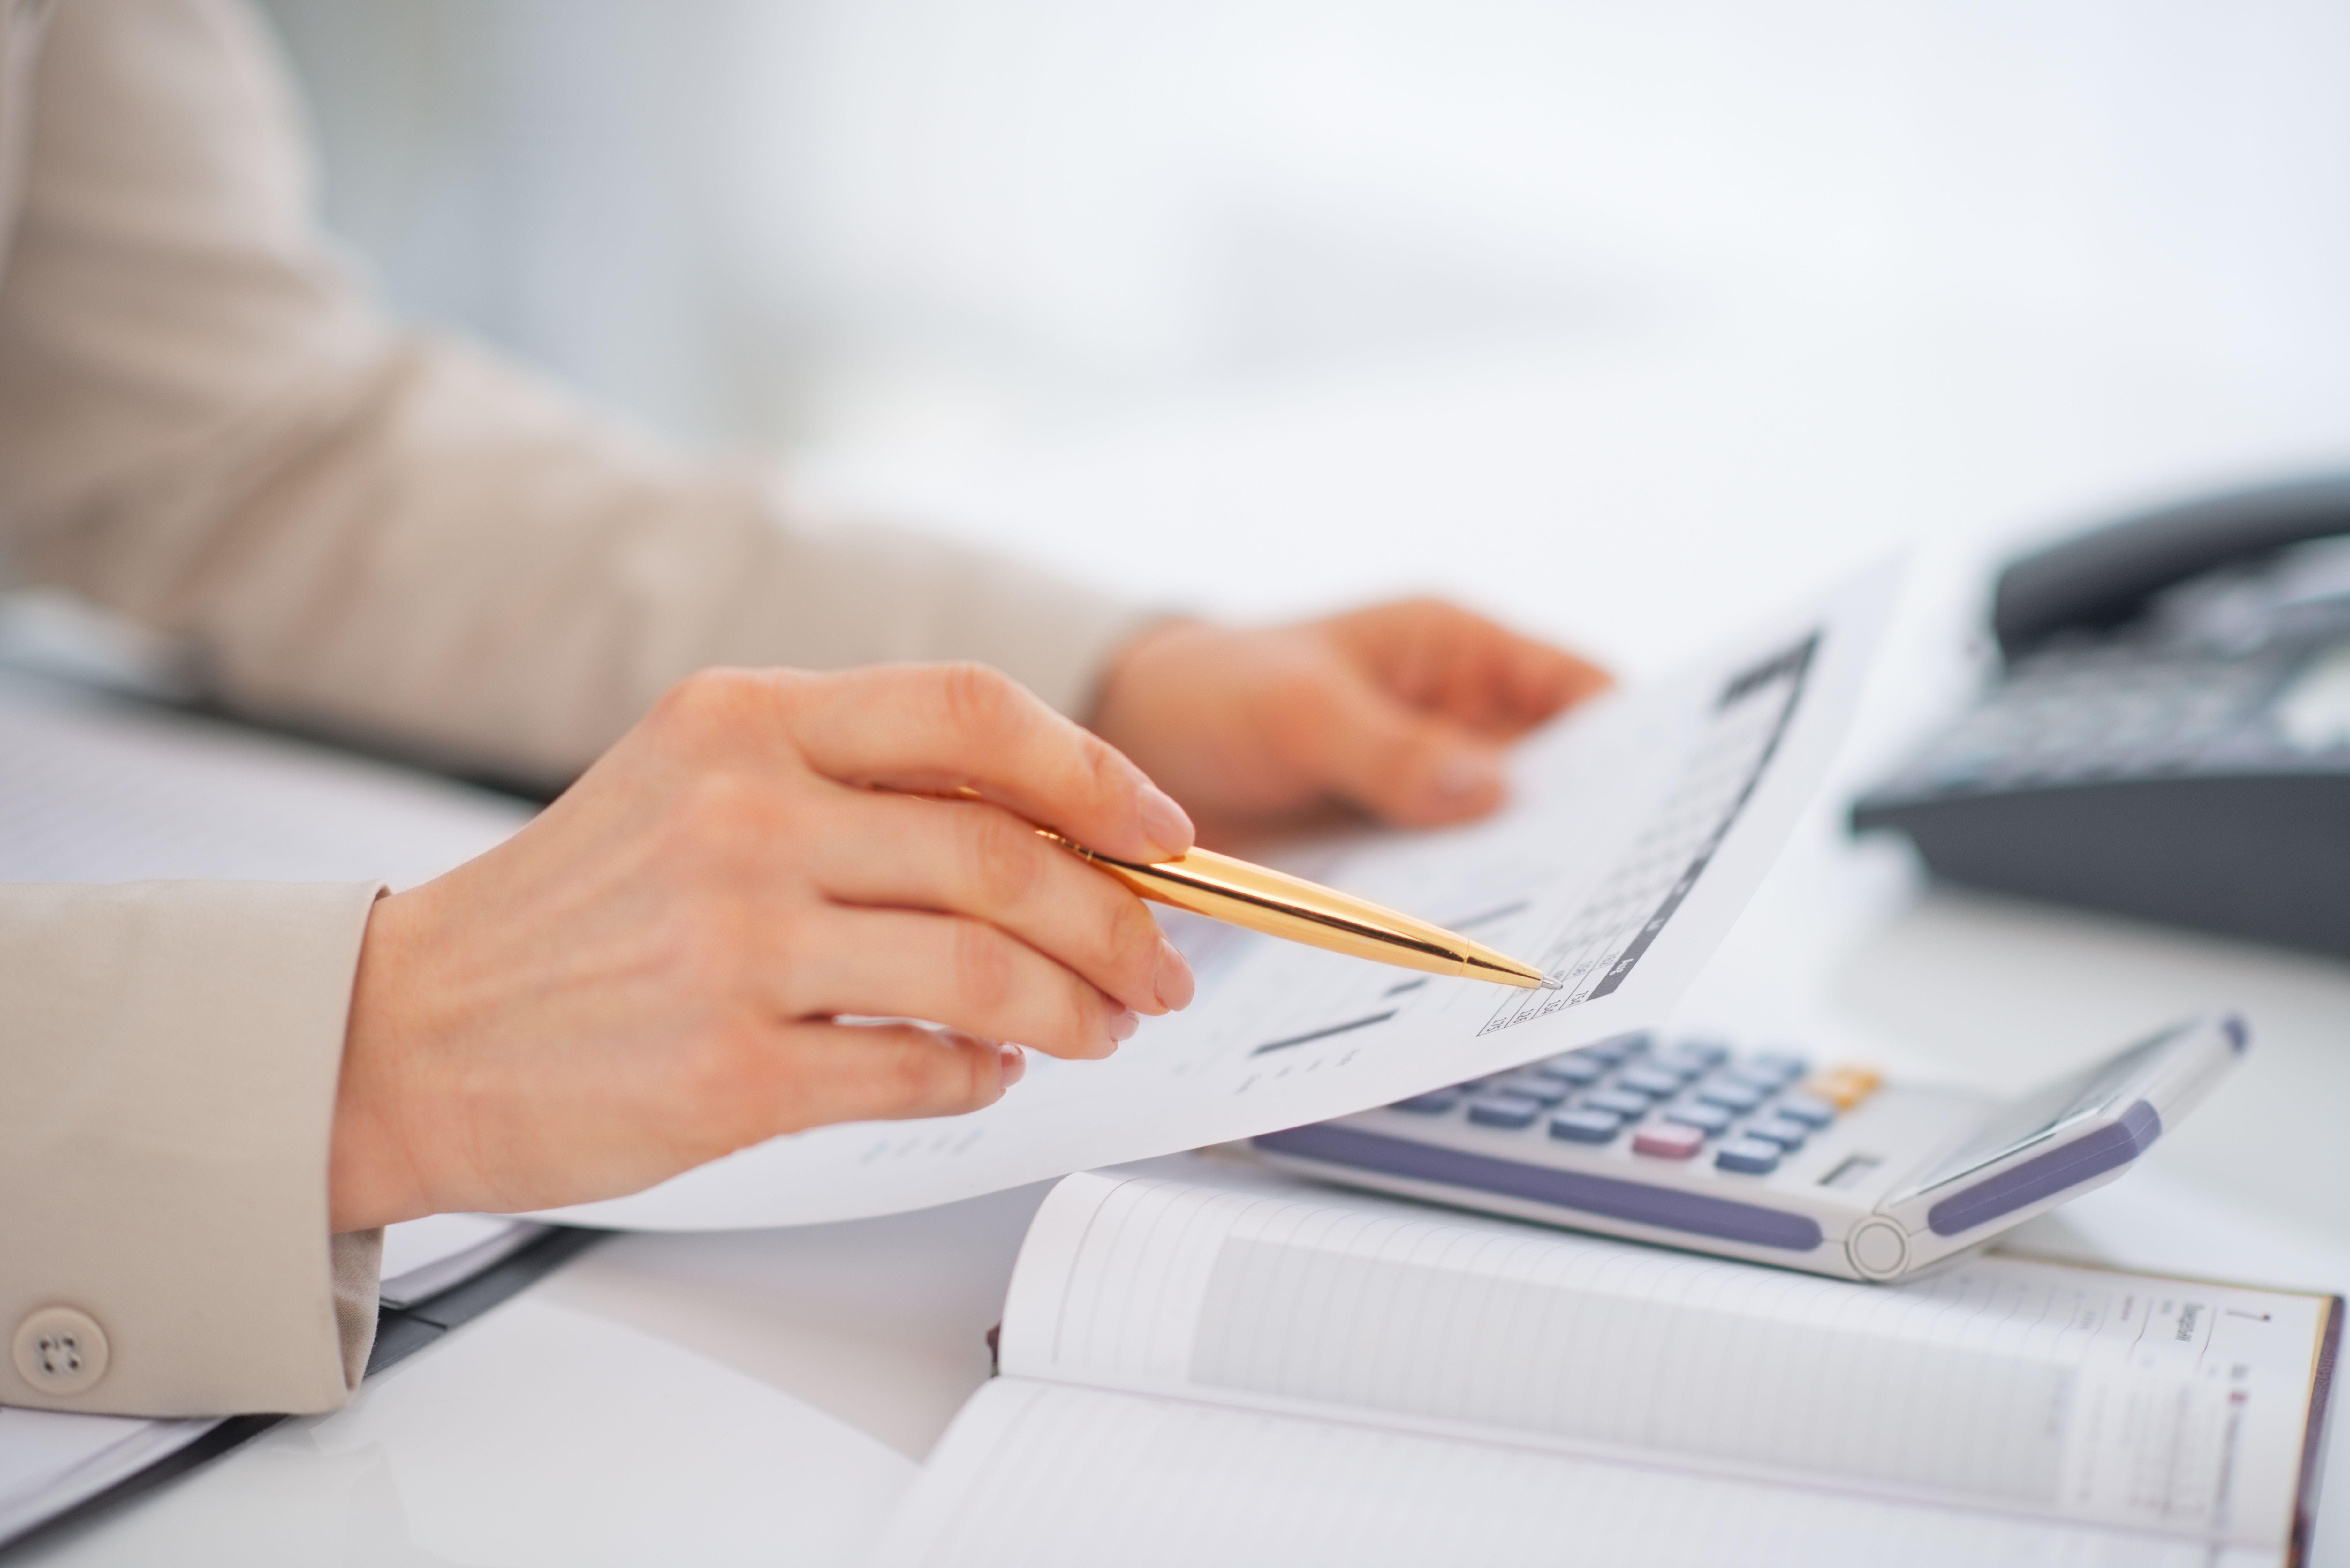 Contabilidad y proveedores: Catálogo de NR Fincas